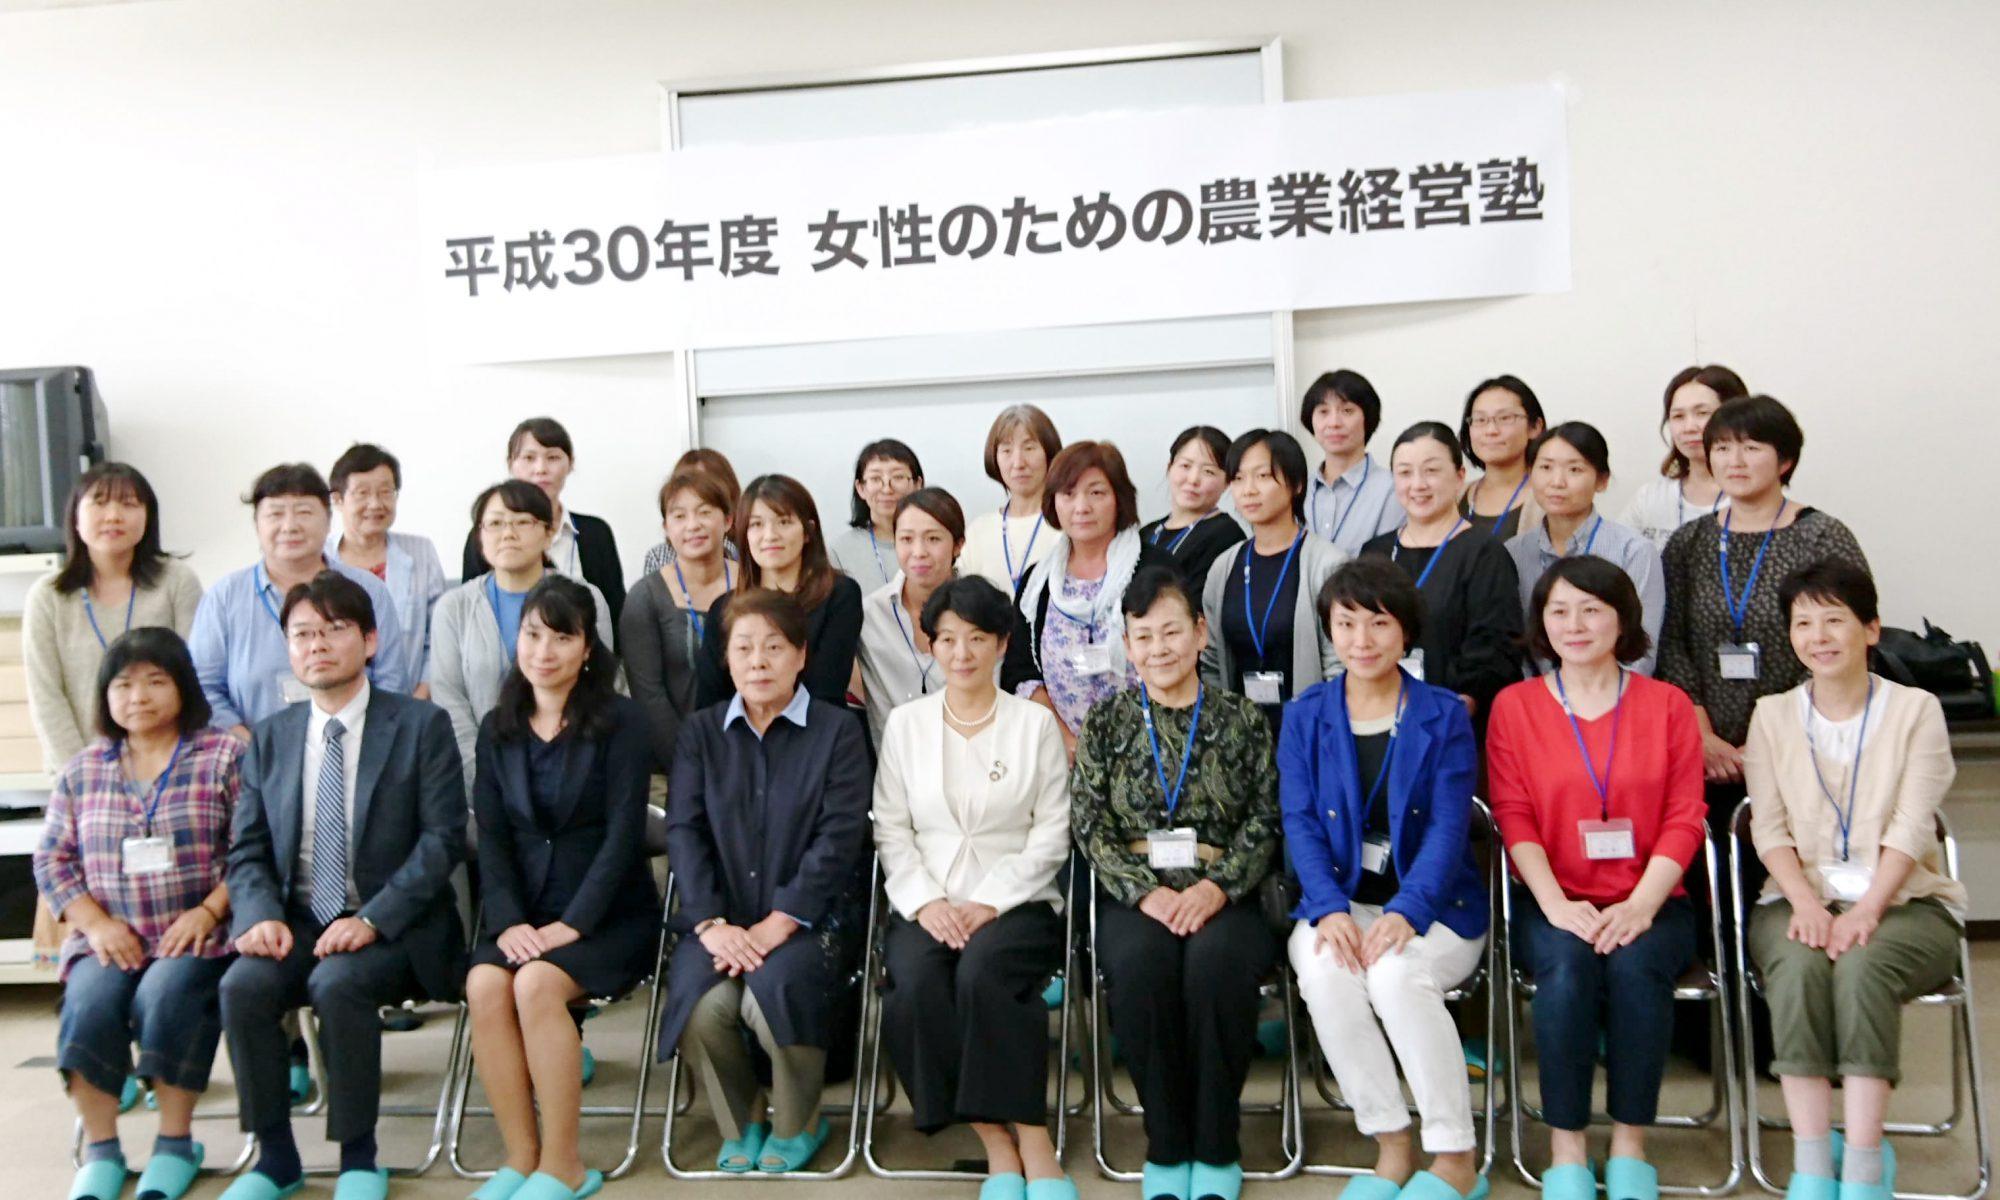 平成30年度「女性のための農業経営塾」が始まりました